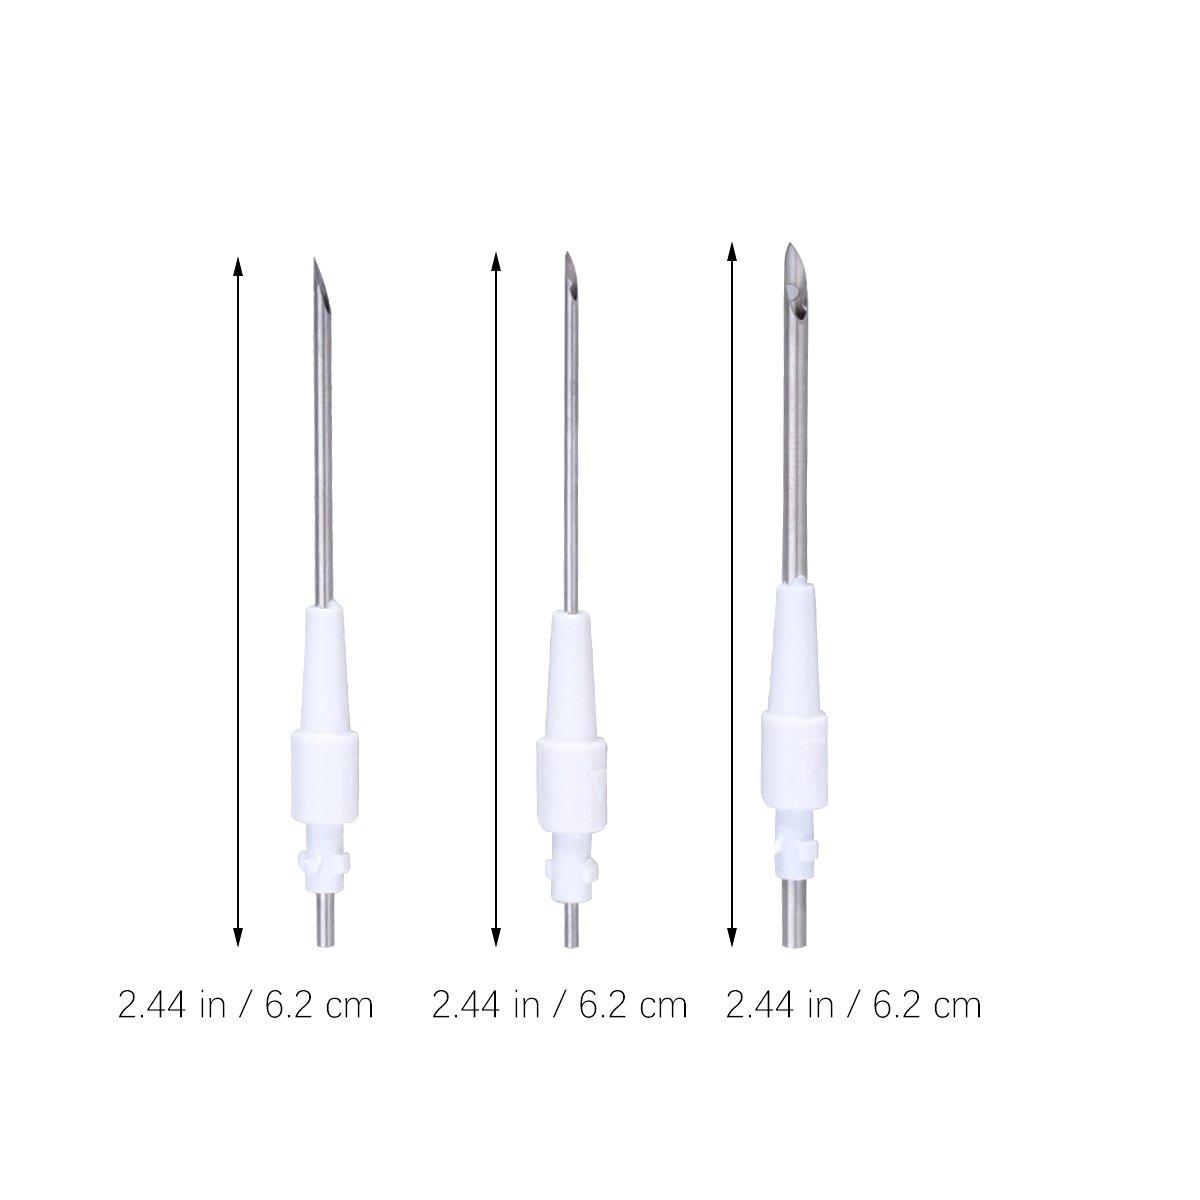 ULTNICE Bordado mágico lápiz bordado costura aguja herramienta de artesanía aguja conjunto de aguja para bordado hilo de coser diy: Amazon.es: Hogar